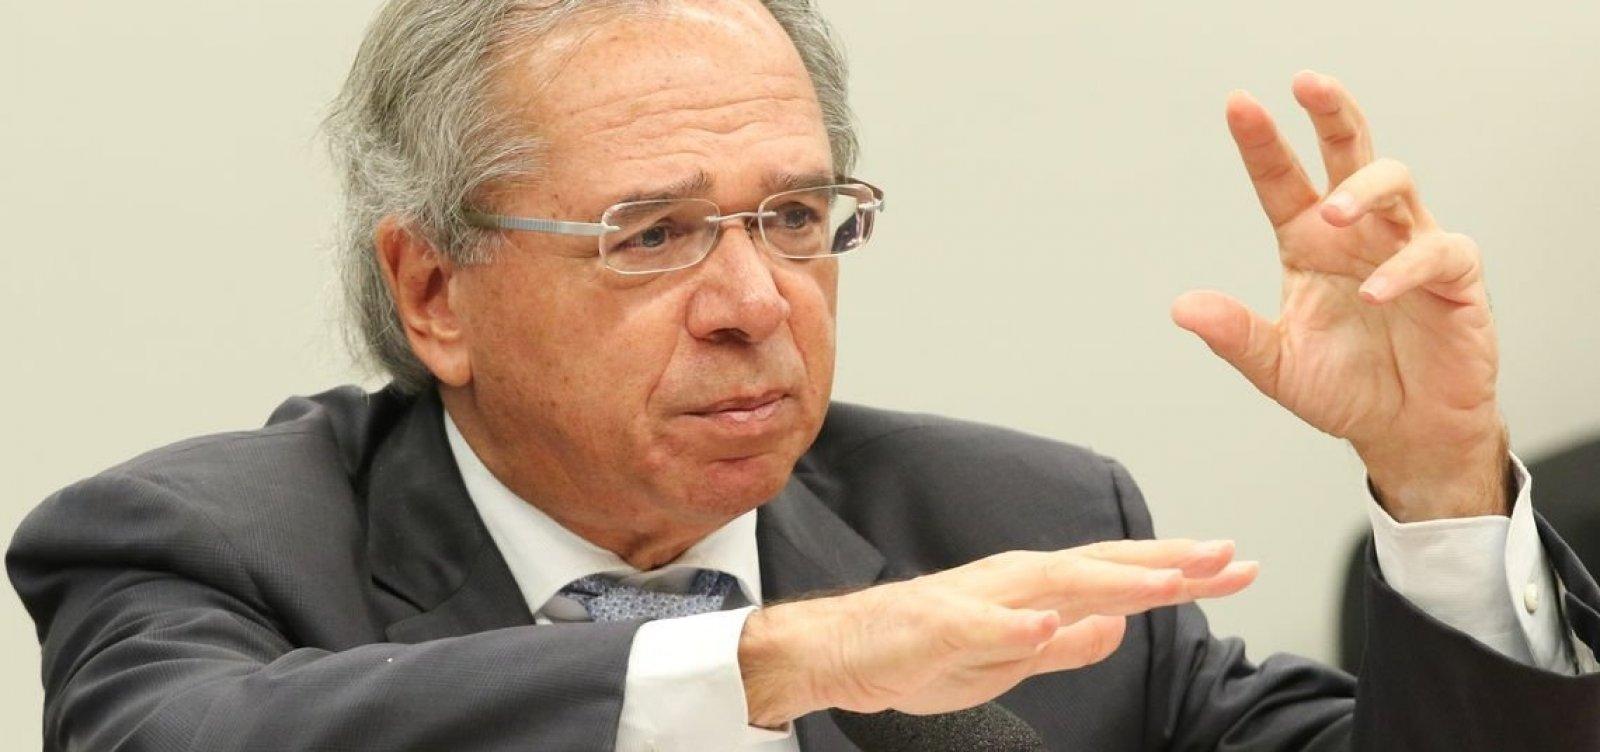 [Vazamento de mensagens pretende paralisar reformas, diz Guedes]